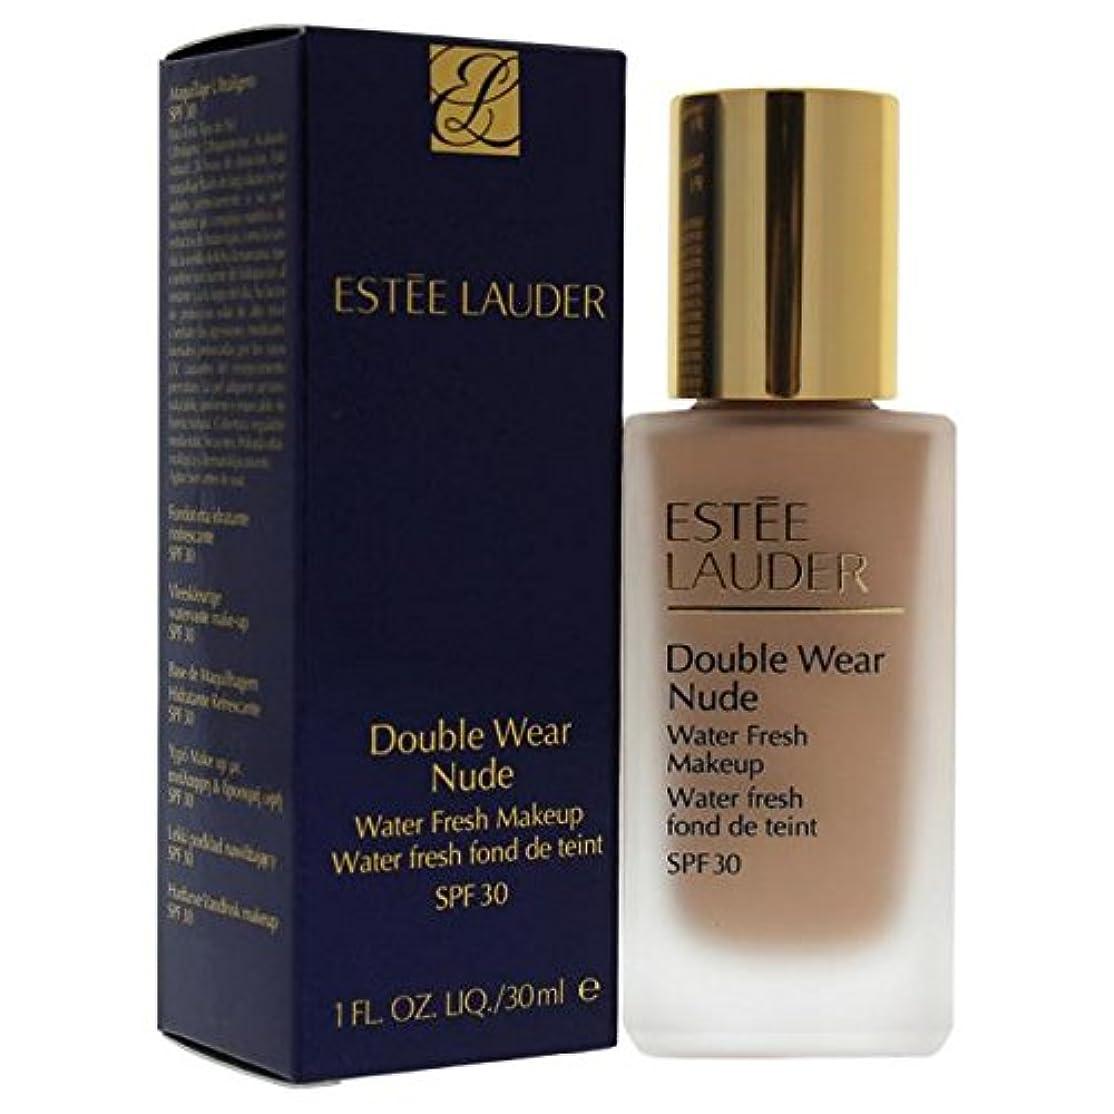 ヤギ恥ずかしさ不機嫌そうなエスティローダー Double Wear Nude Water Fresh Makeup SPF 30 - # 3C2 Pebble 30ml/1oz並行輸入品